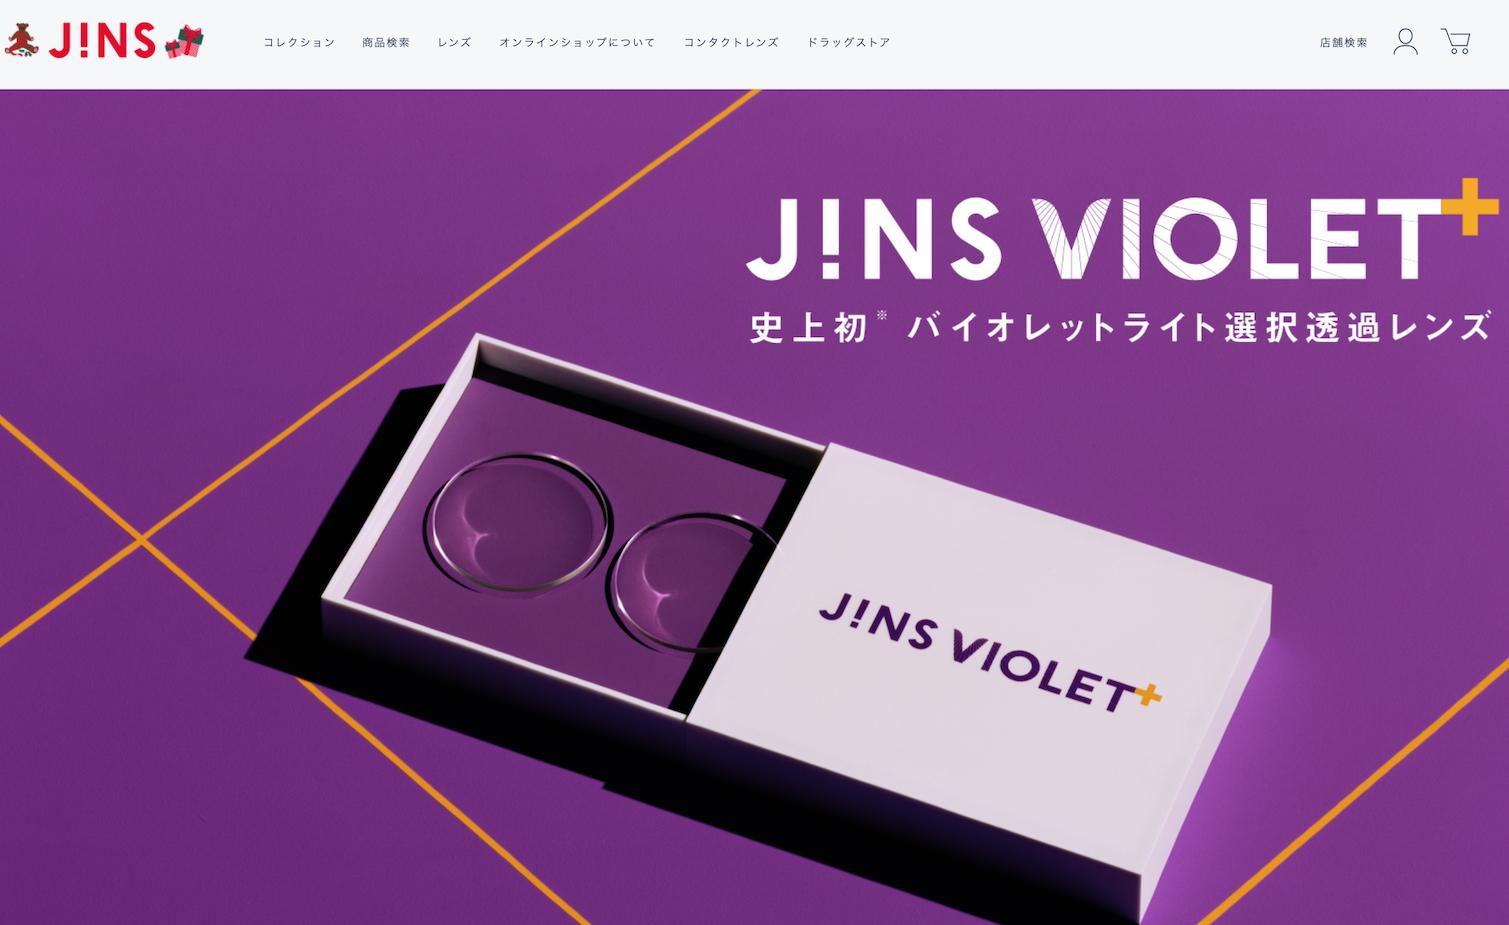 日本眼镜连锁巨头 JINS 三十年:年销600万副眼镜,以中国为首的海外市场今年首次盈利